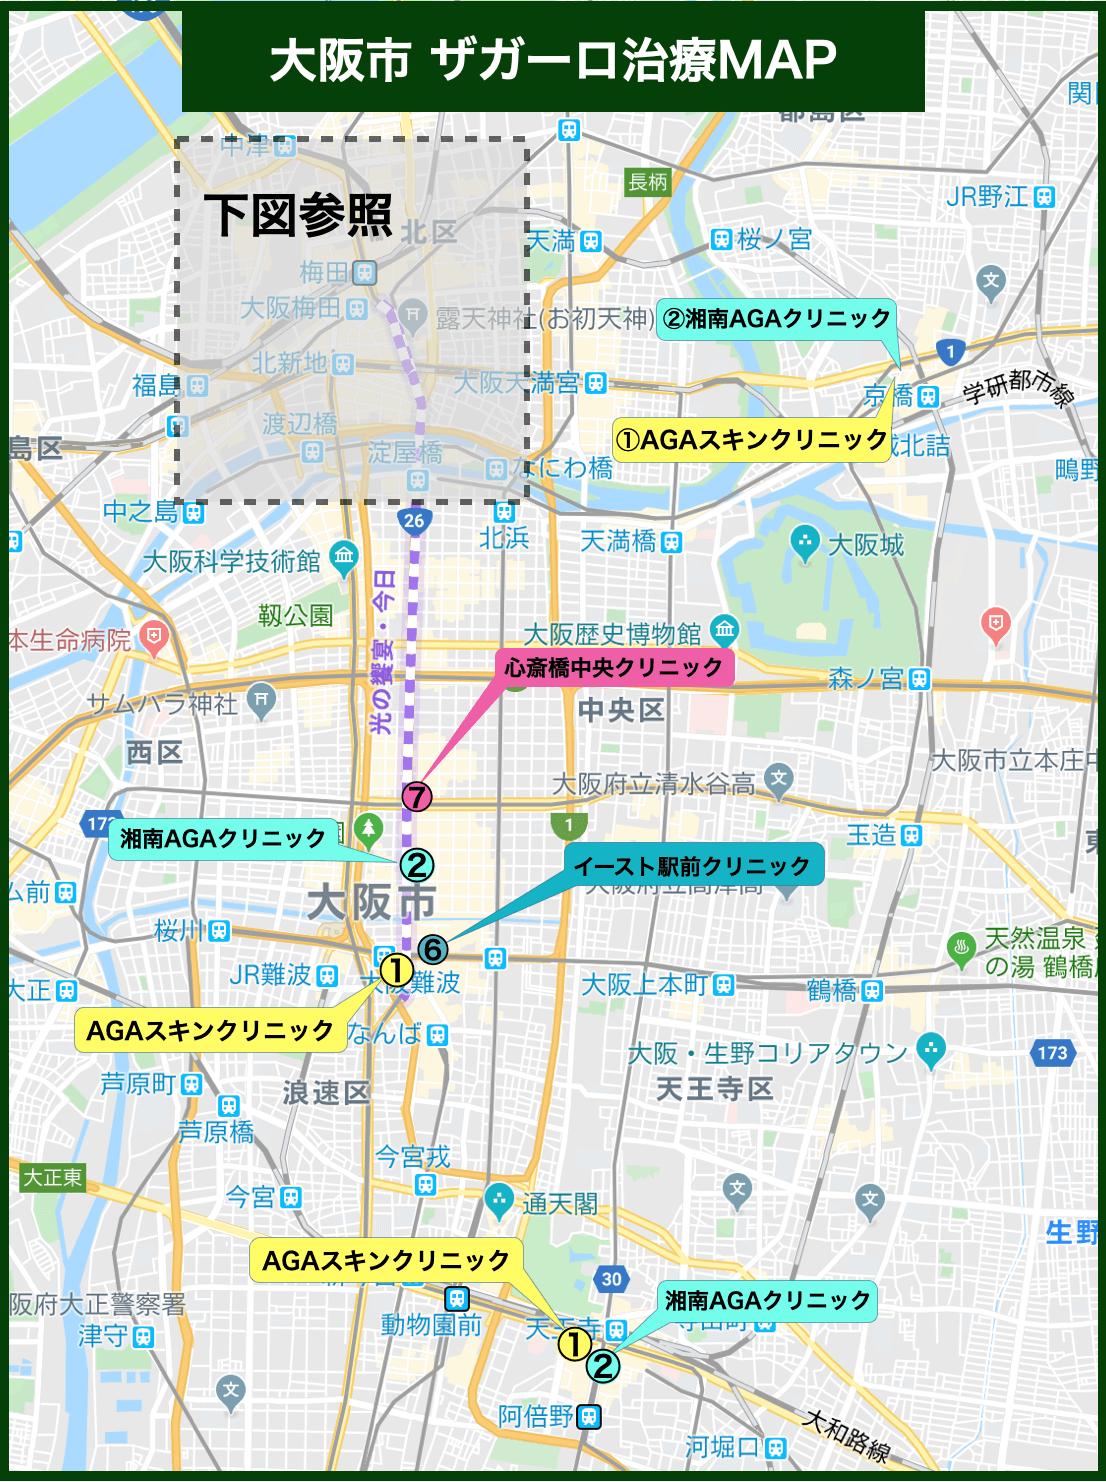 大阪市 ザガーロ治療MAP